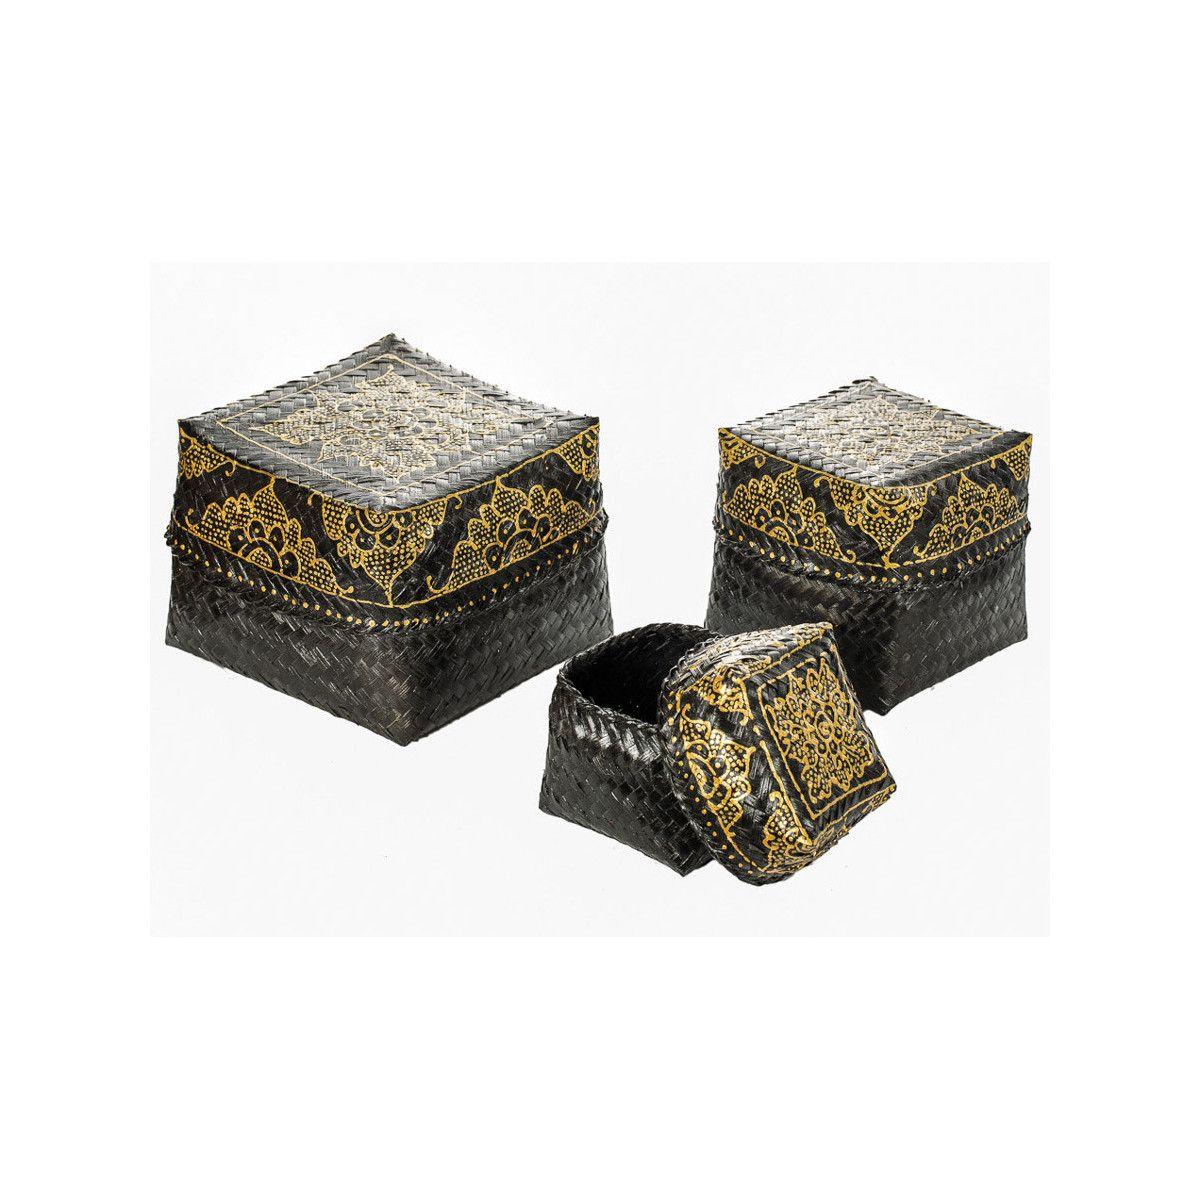 Boites à offrande peintes or et noir